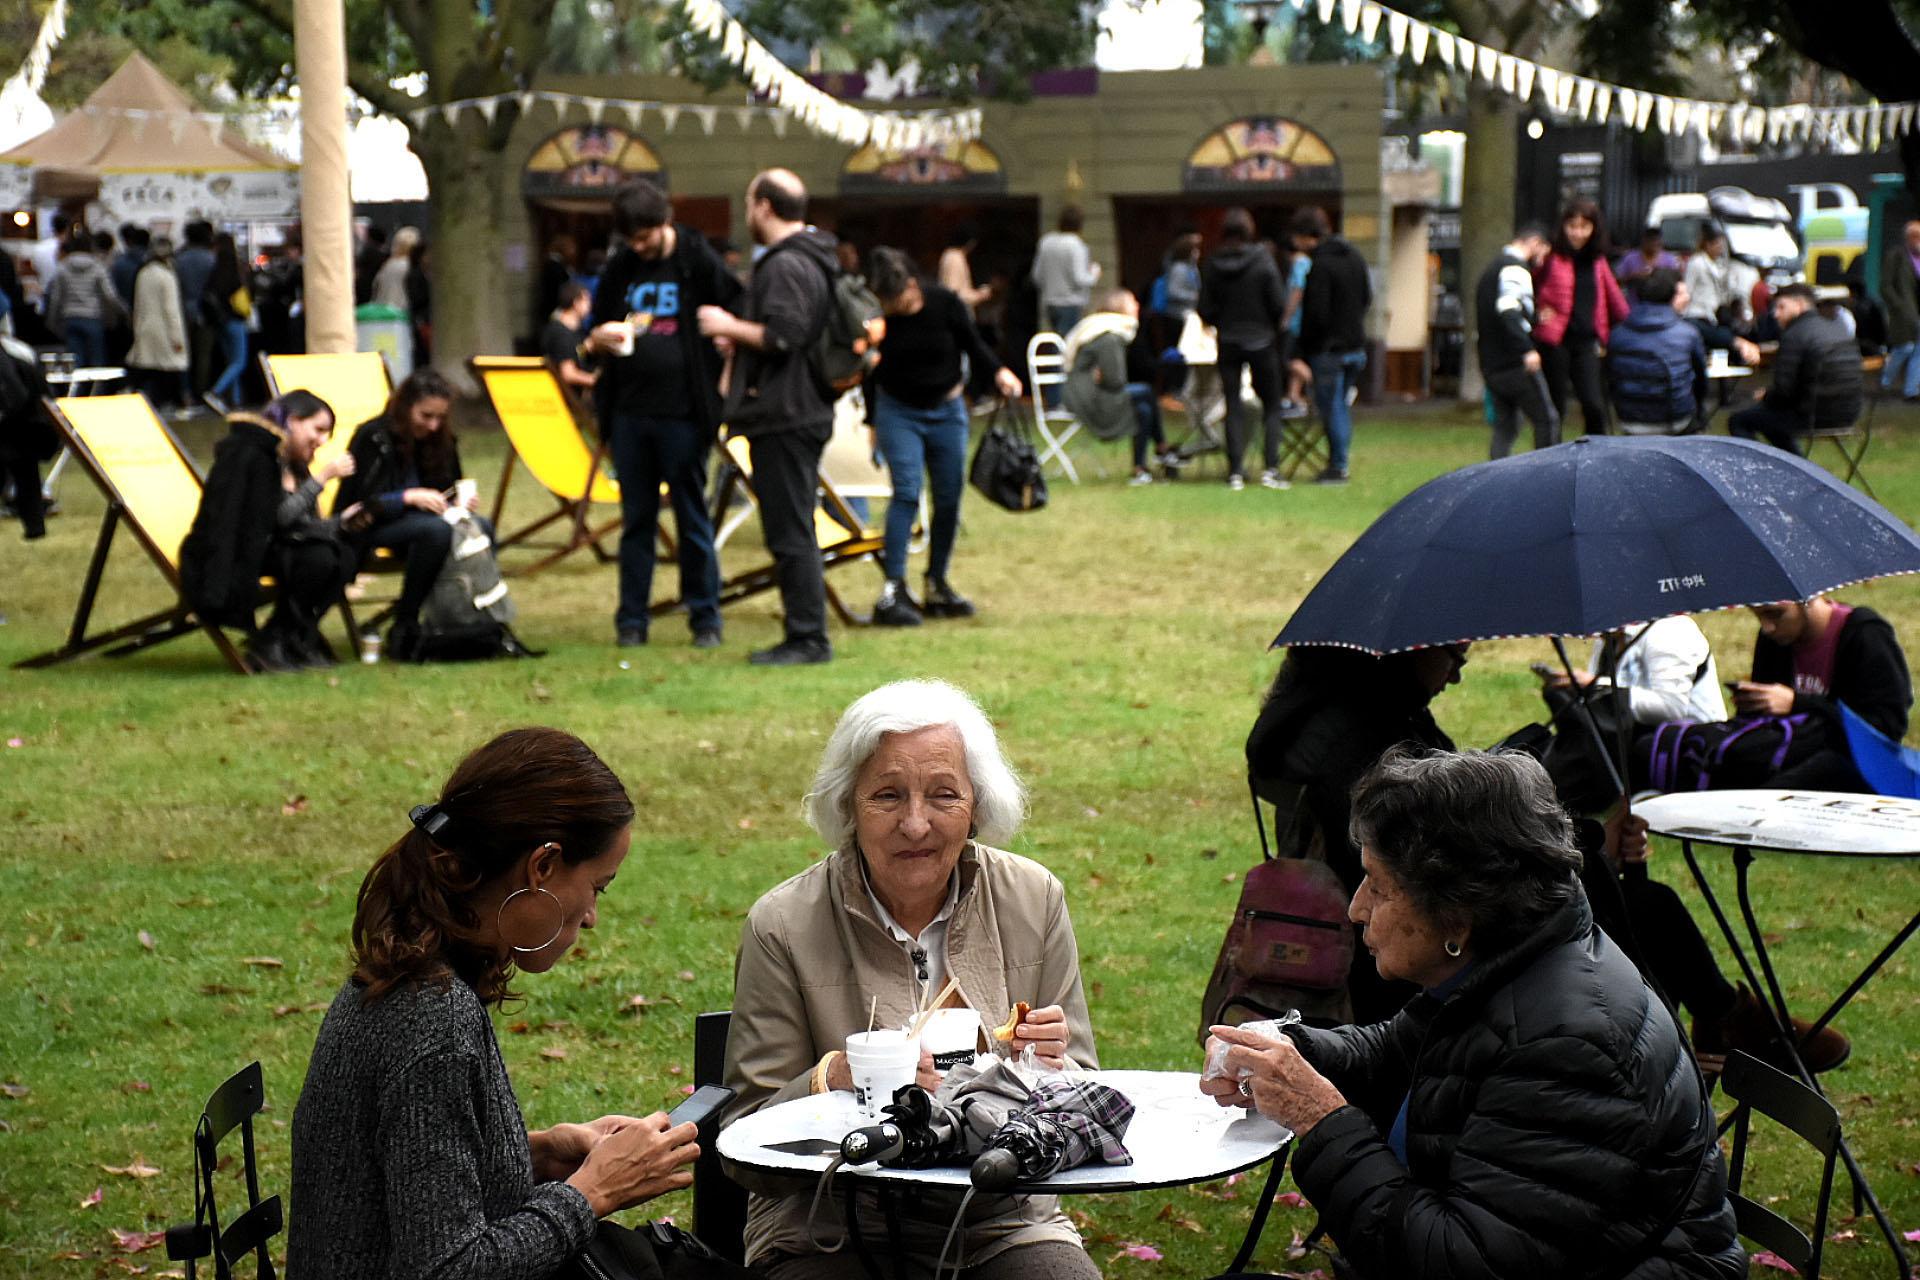 A pesar de la lluvia, los vecinos y turistas se acercaron a la feria del café para probar nuevos sabores y los expertos se sacaron dudas con las clases magistrales brindadas por reconocidos baristas